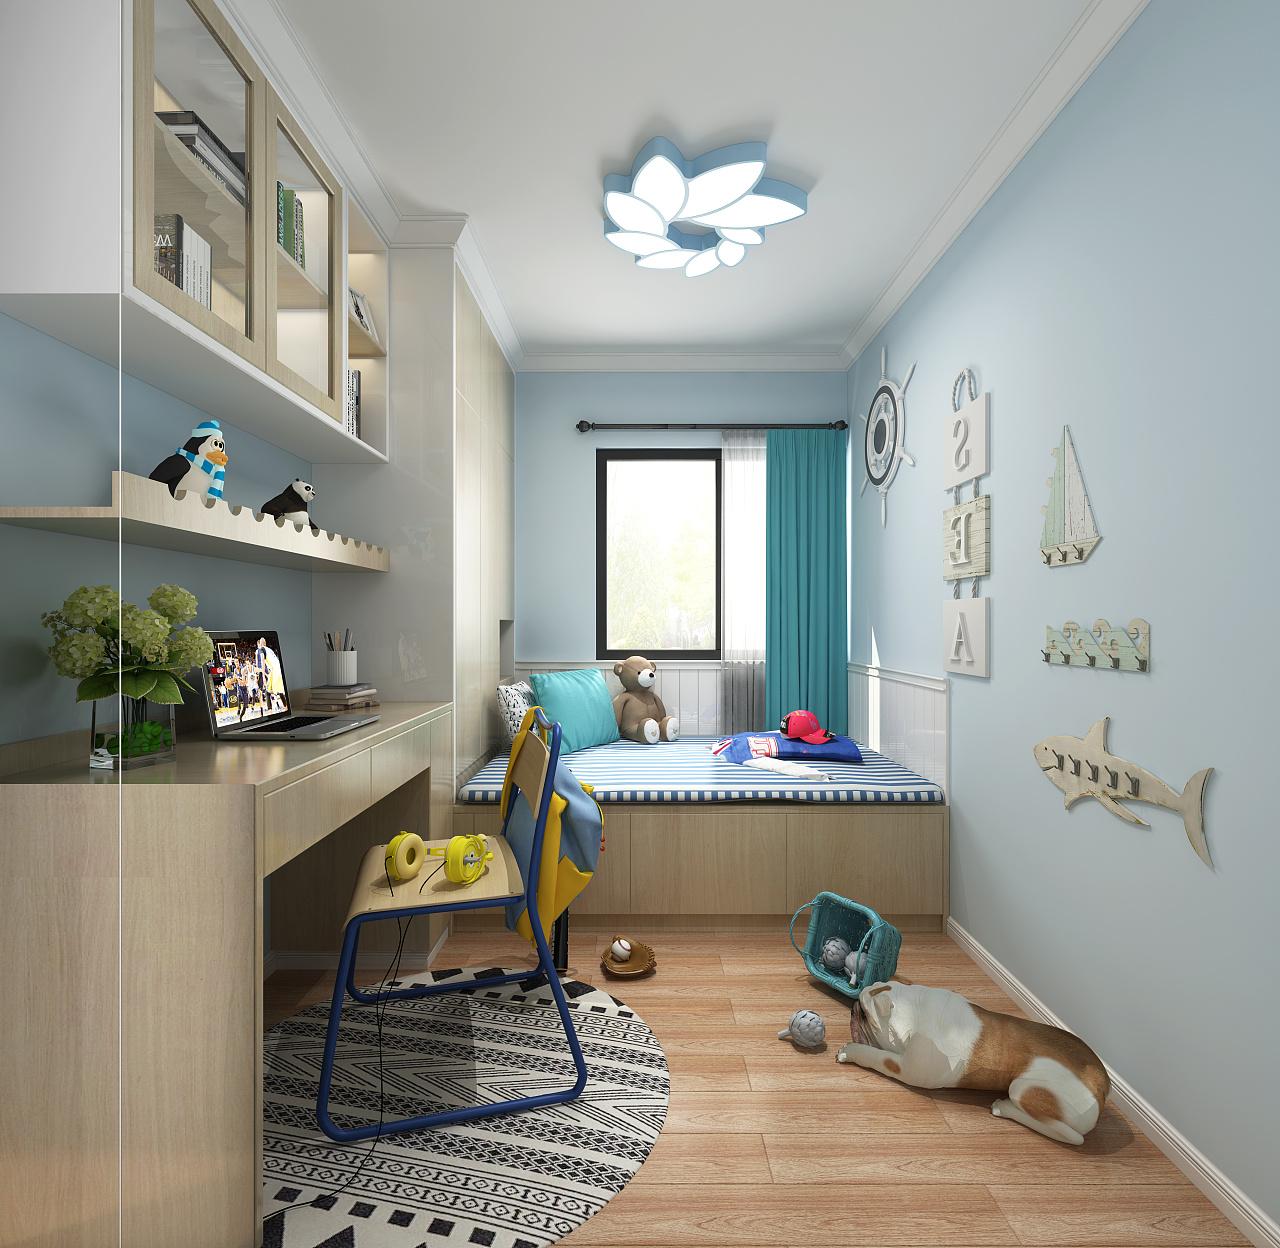 室内设计|图片|室内设计|修改用户名6-原创作品服装标志设计空间图片